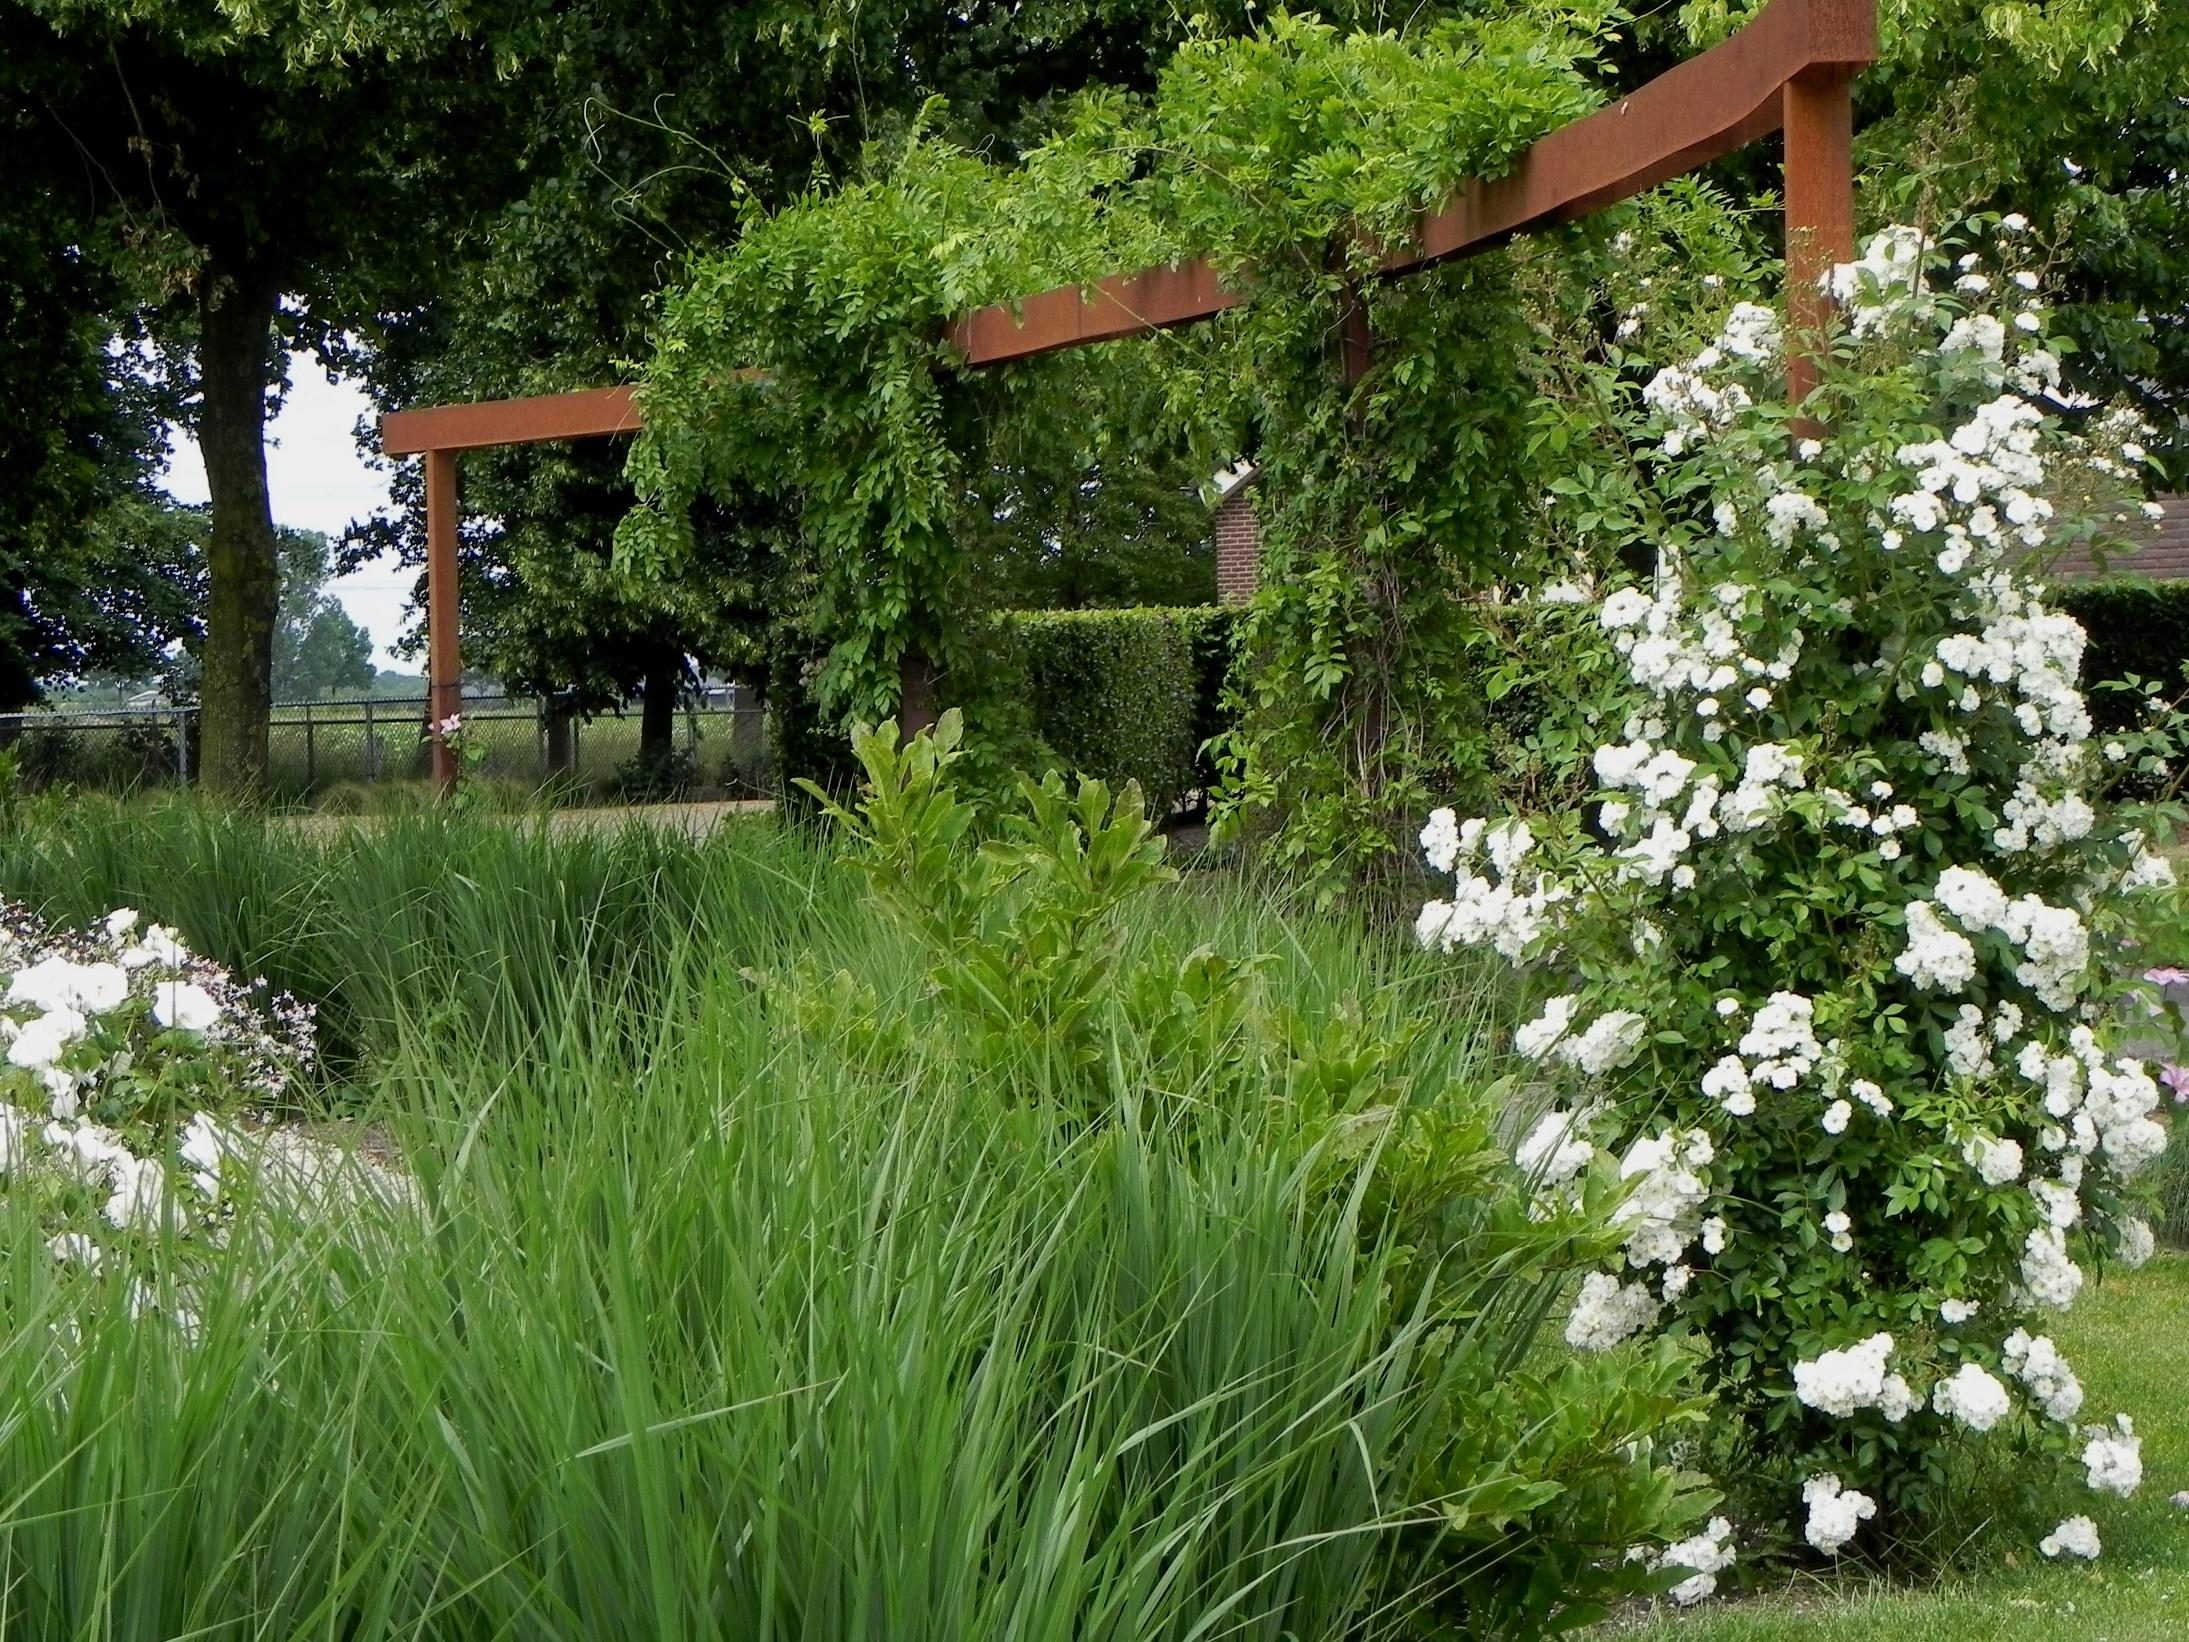 gebogen cortenstaal pergola begroeid met klimplanten